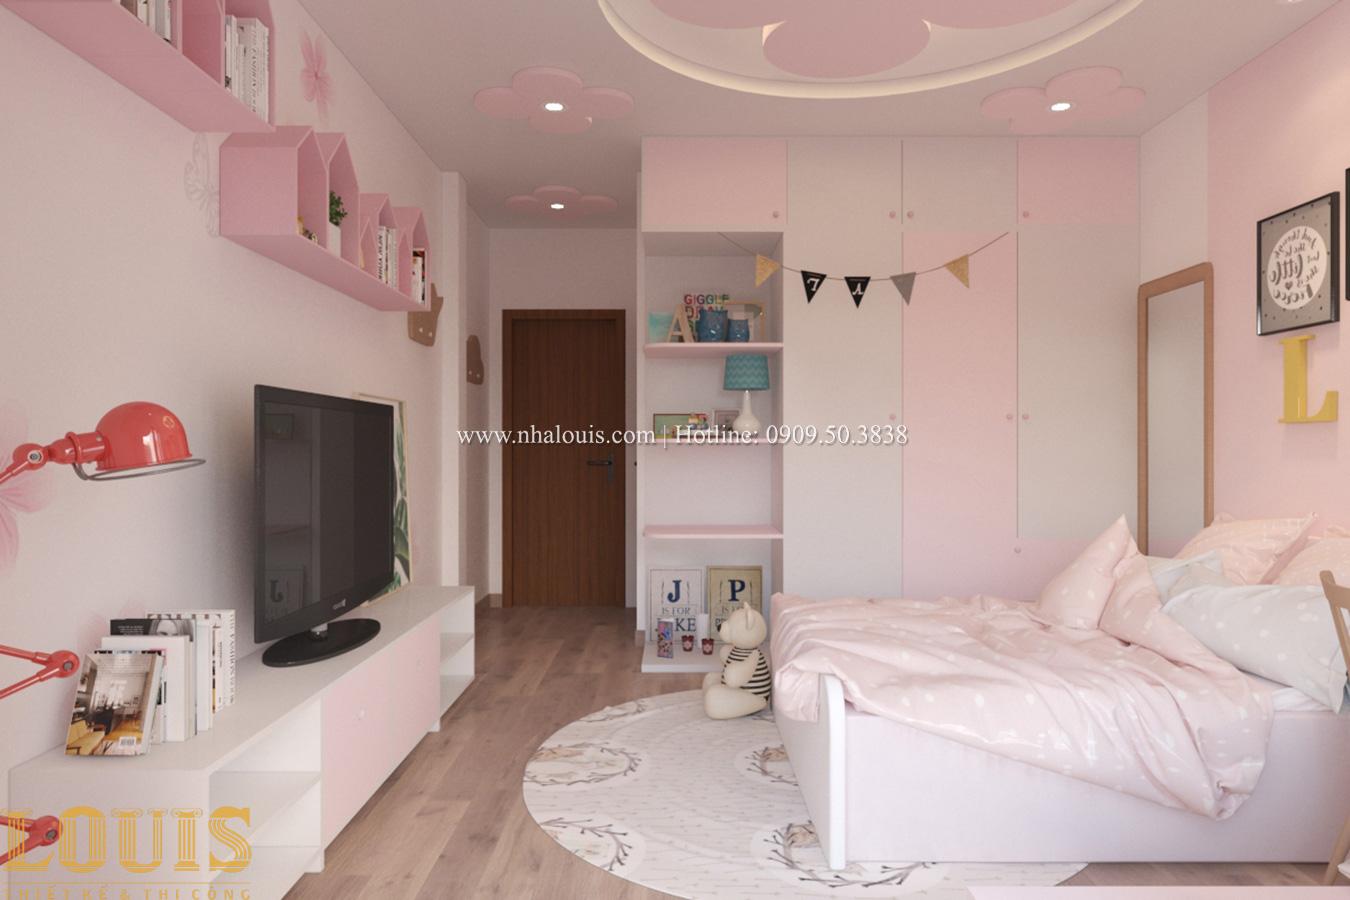 Phòng ngủ Tư vấn thiết kế mẫu nhà đẹp 4x20m hiện đại và sang trọng tại quận 8 - 28